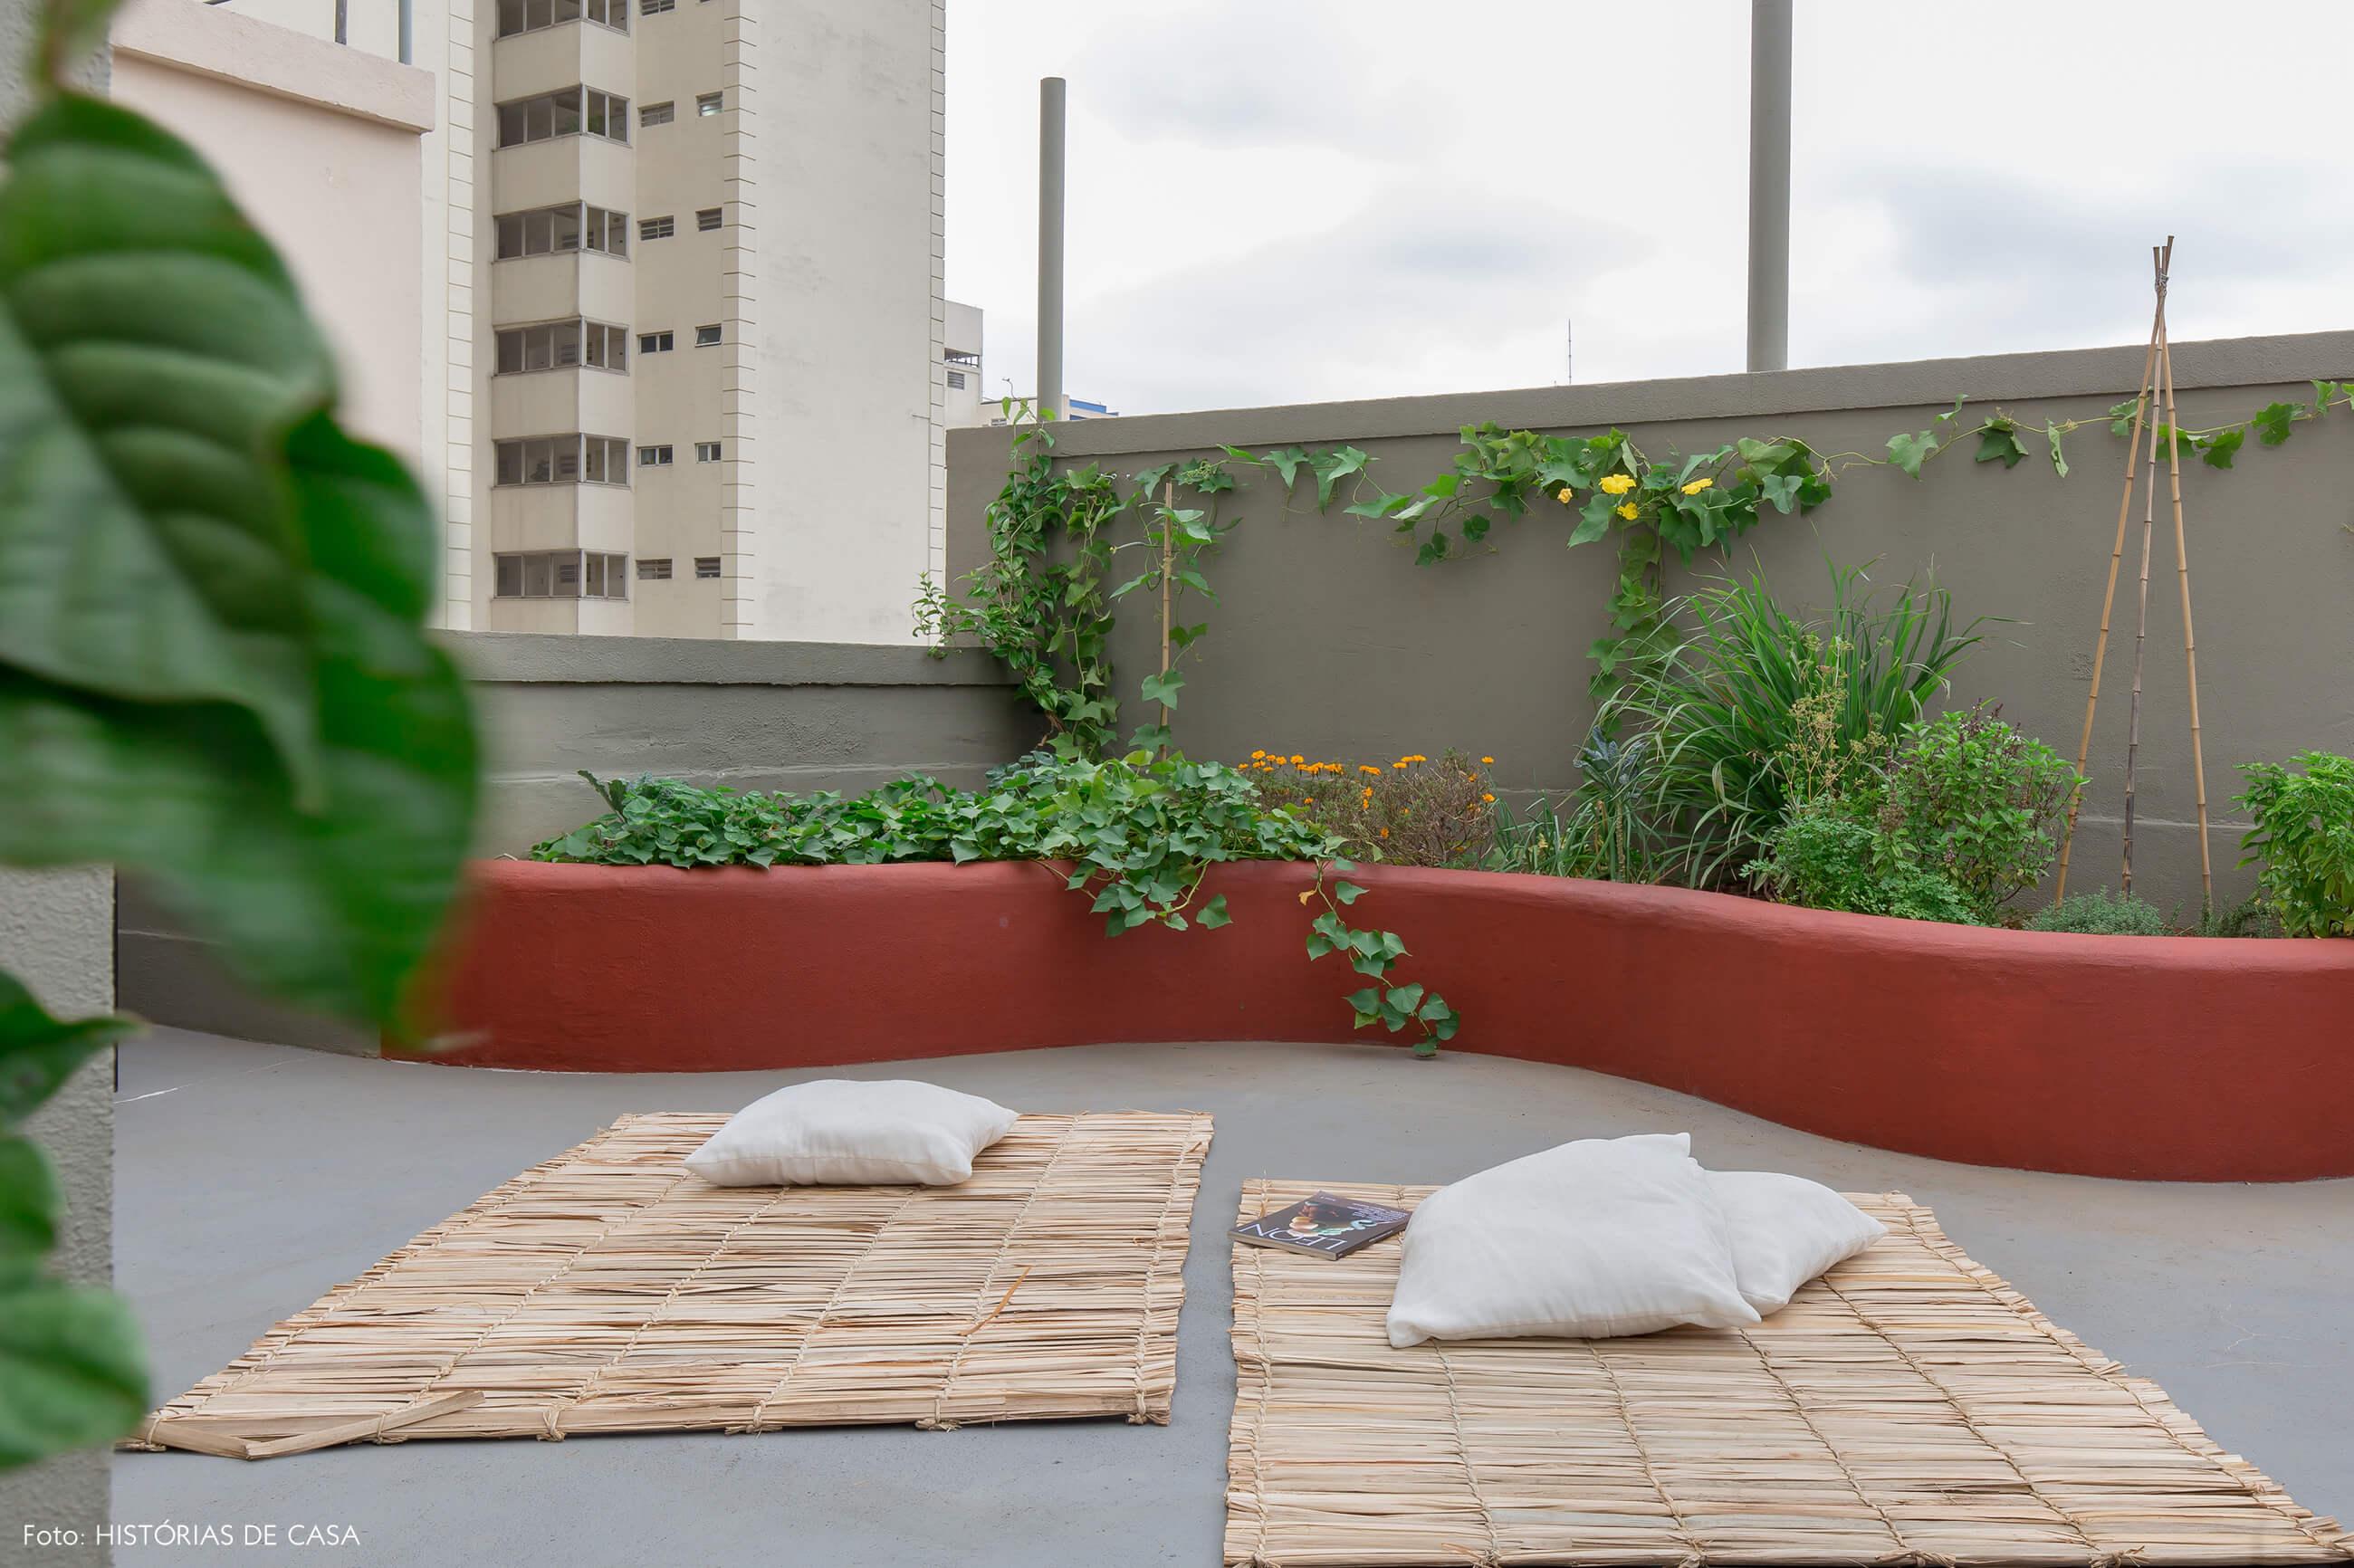 Apartamento no centro de São Paulo com varanda e horta na cobertura